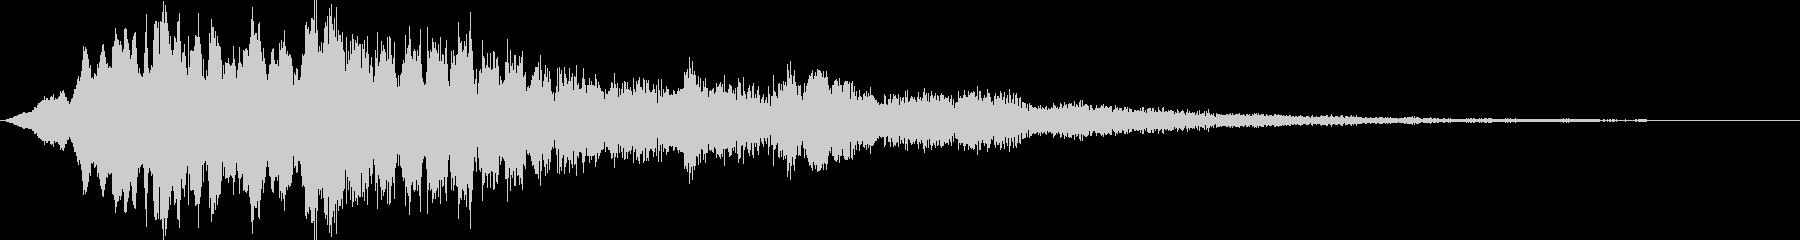 パルサーロゴ1の未再生の波形